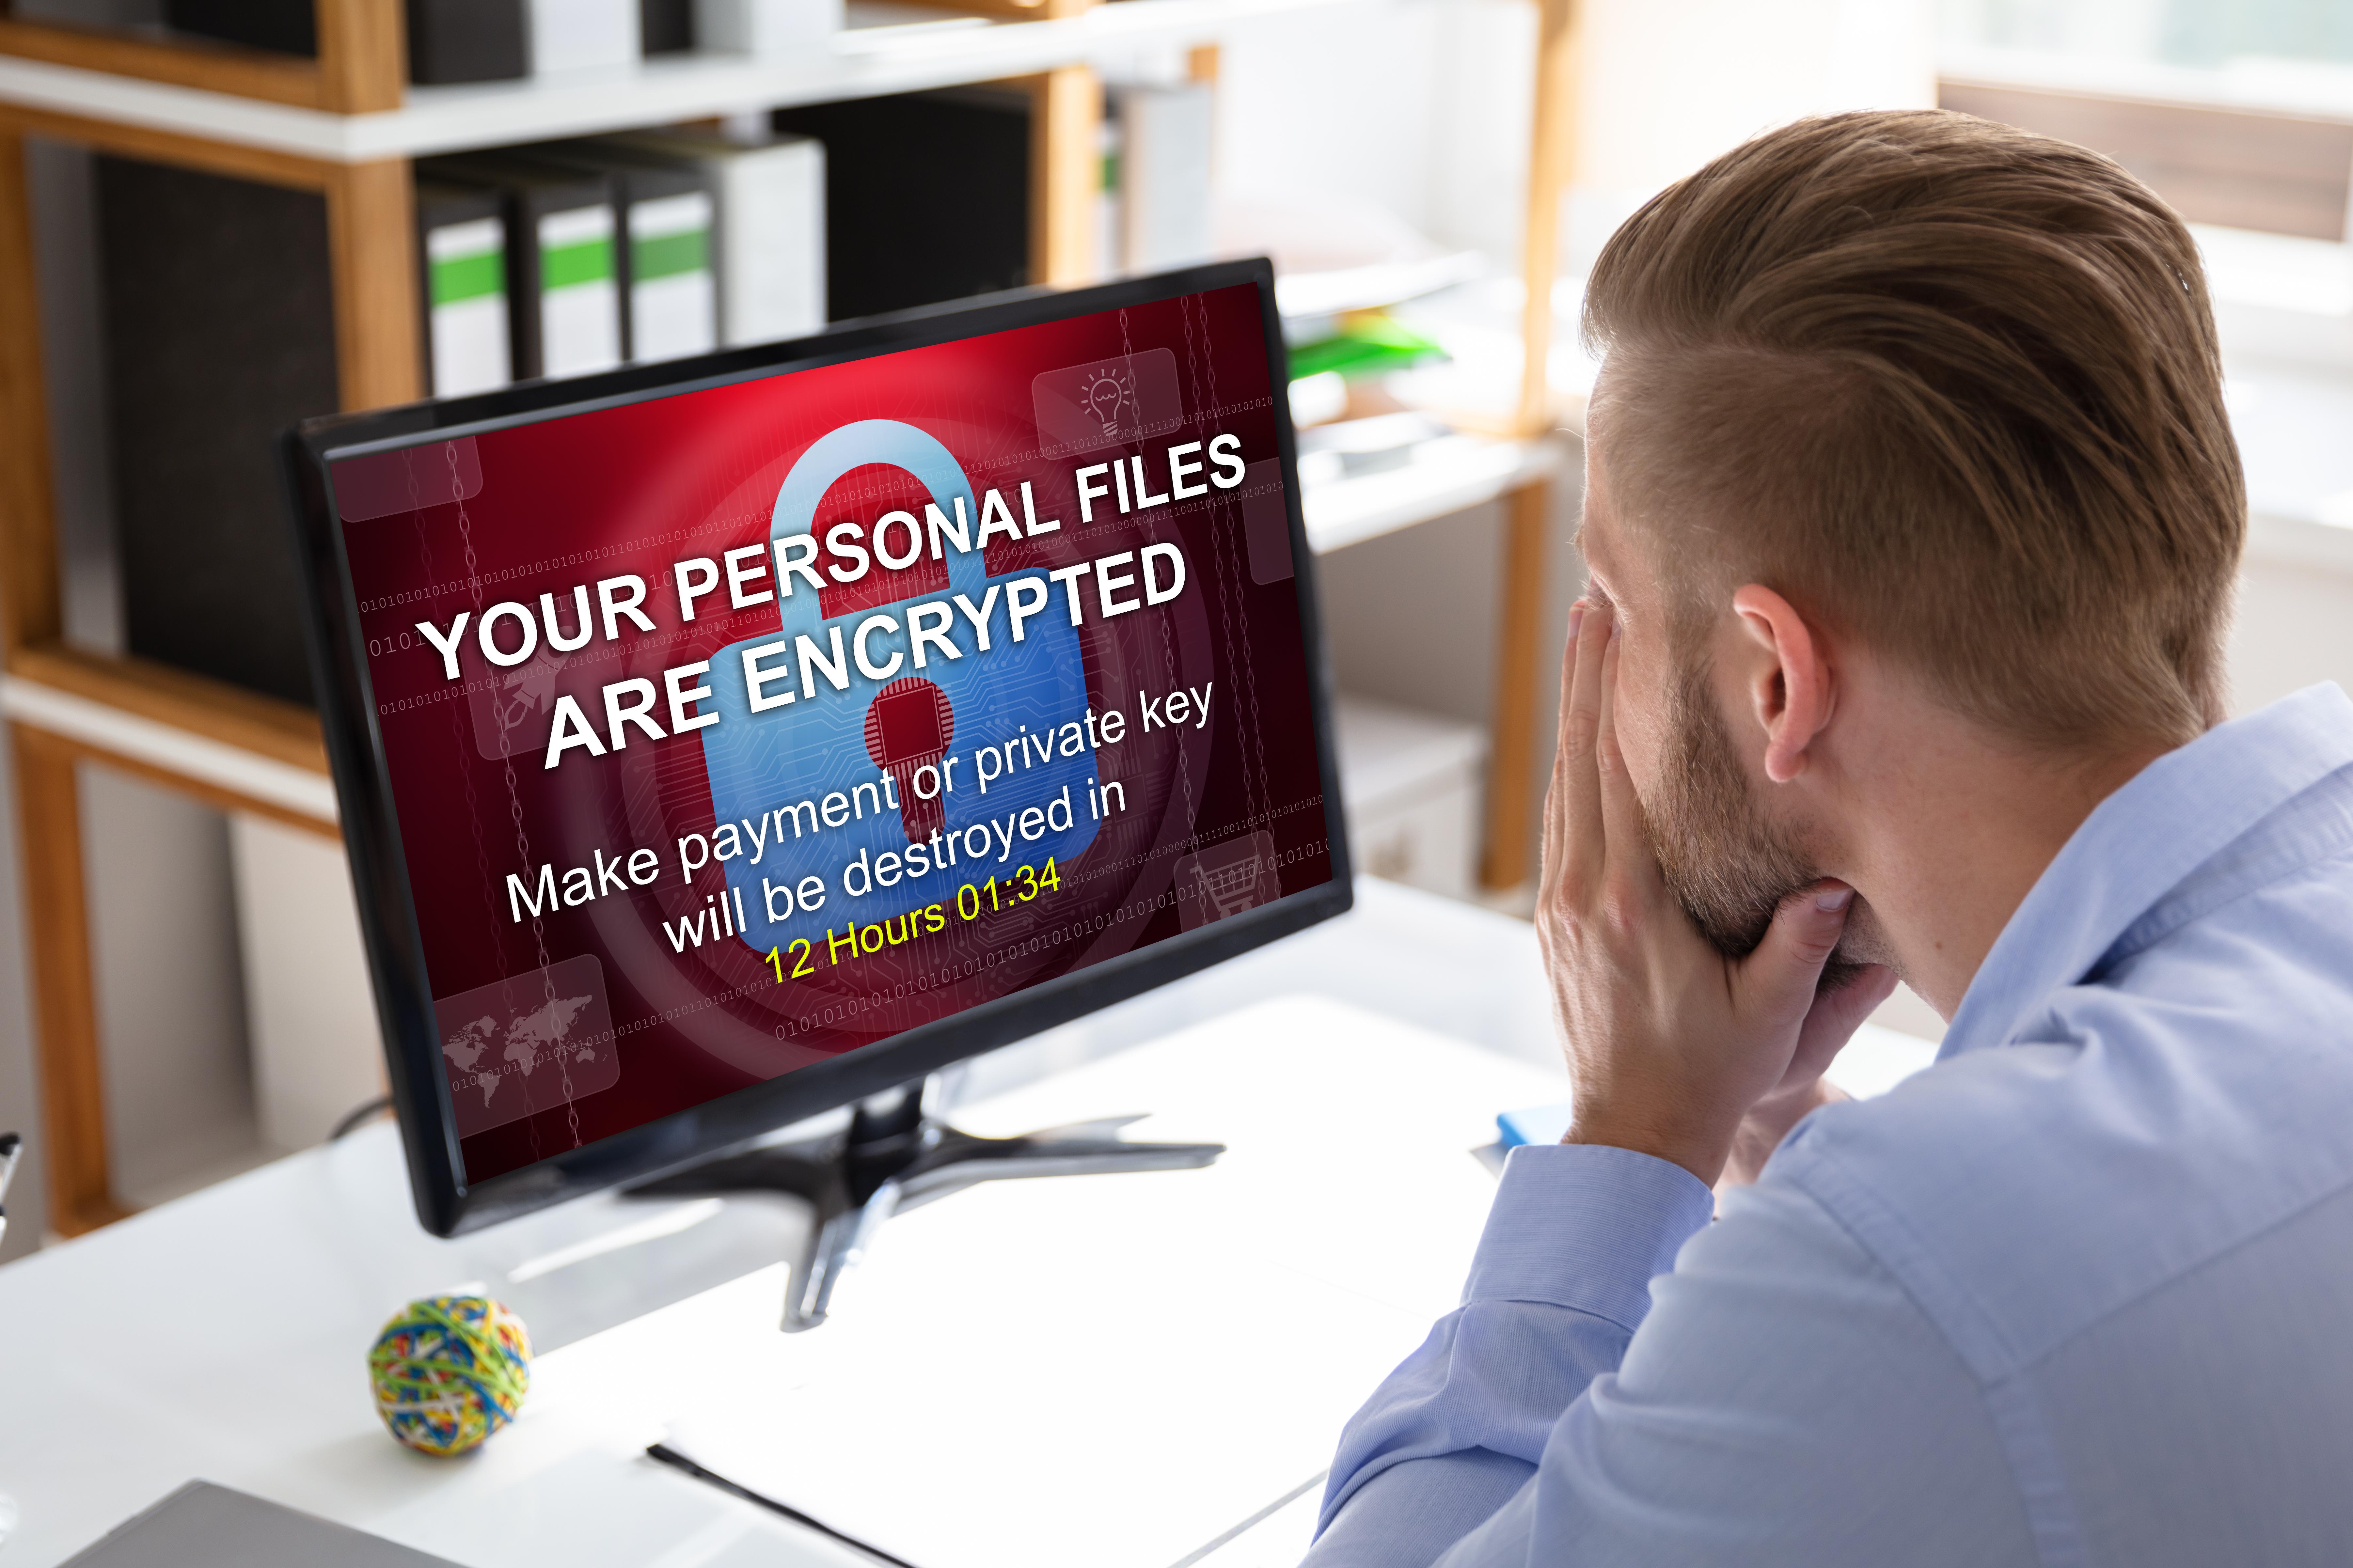 Atac ransomware la Primăria din Liege. Serviciile online sunt paralizate, hackerii cer răscumpărare în bitcoin